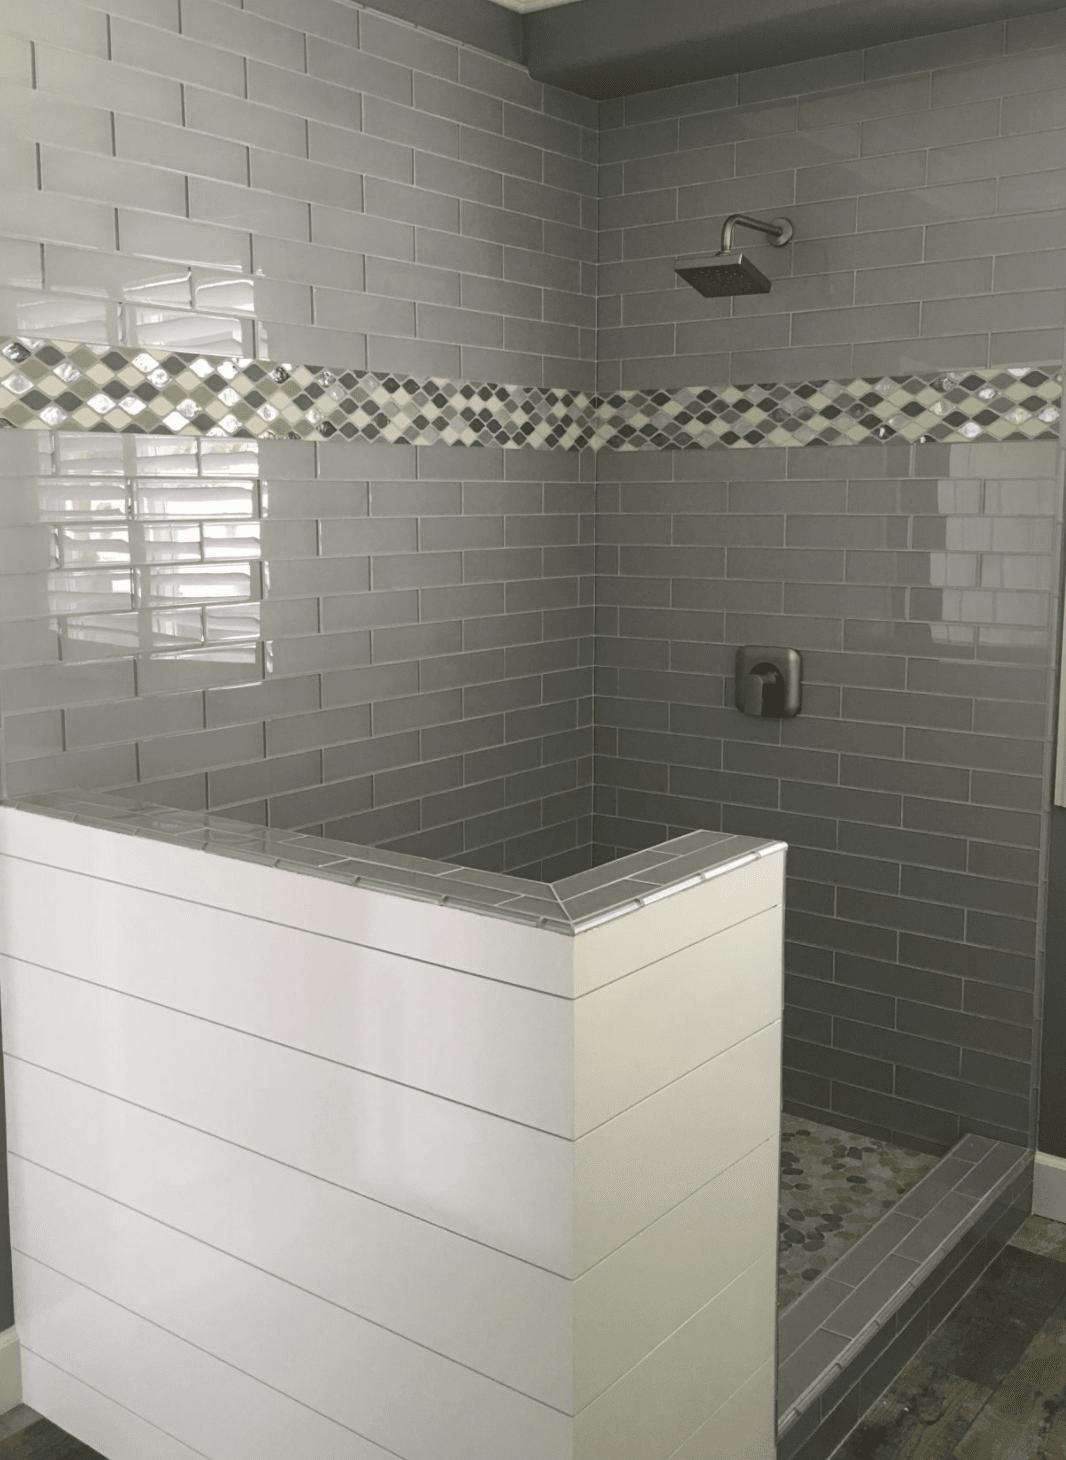 Modern tile shower in Yorba Linda, CA from TS Home Design Center / Rite Loom Flooring